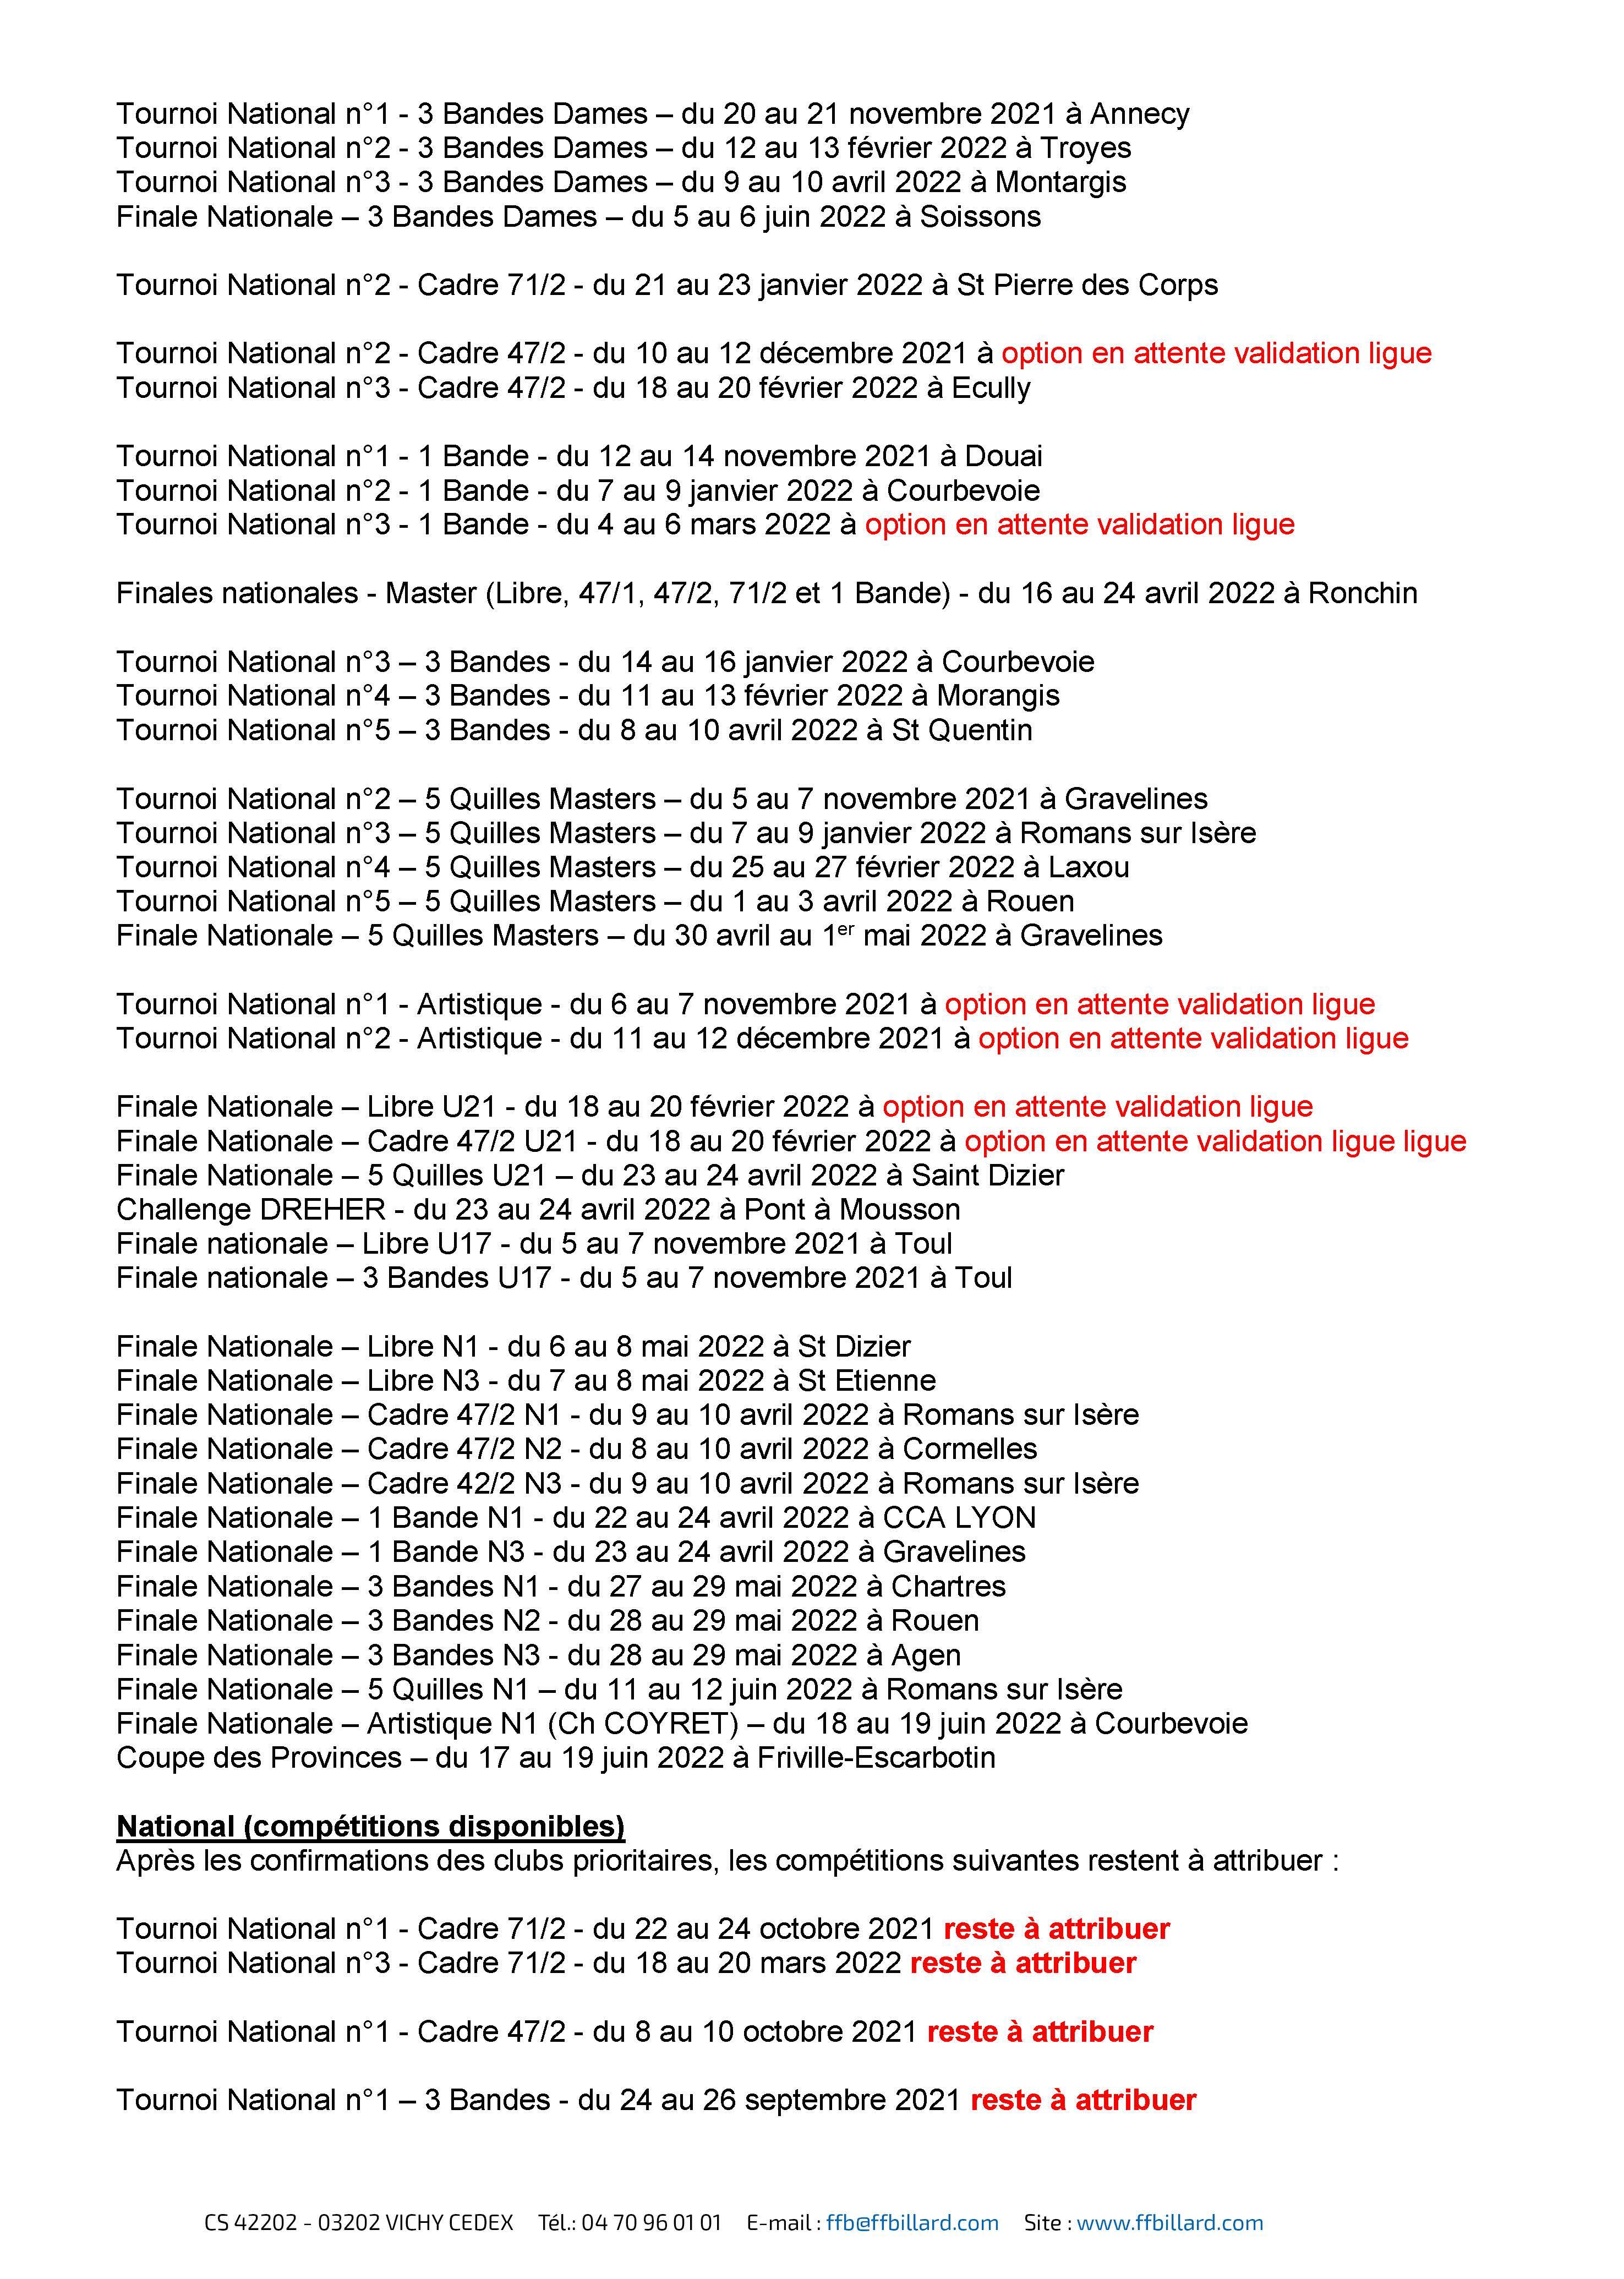 FFB Calendrier CNC 2021 2022 du 30 06 2021 ed3 details Page 3